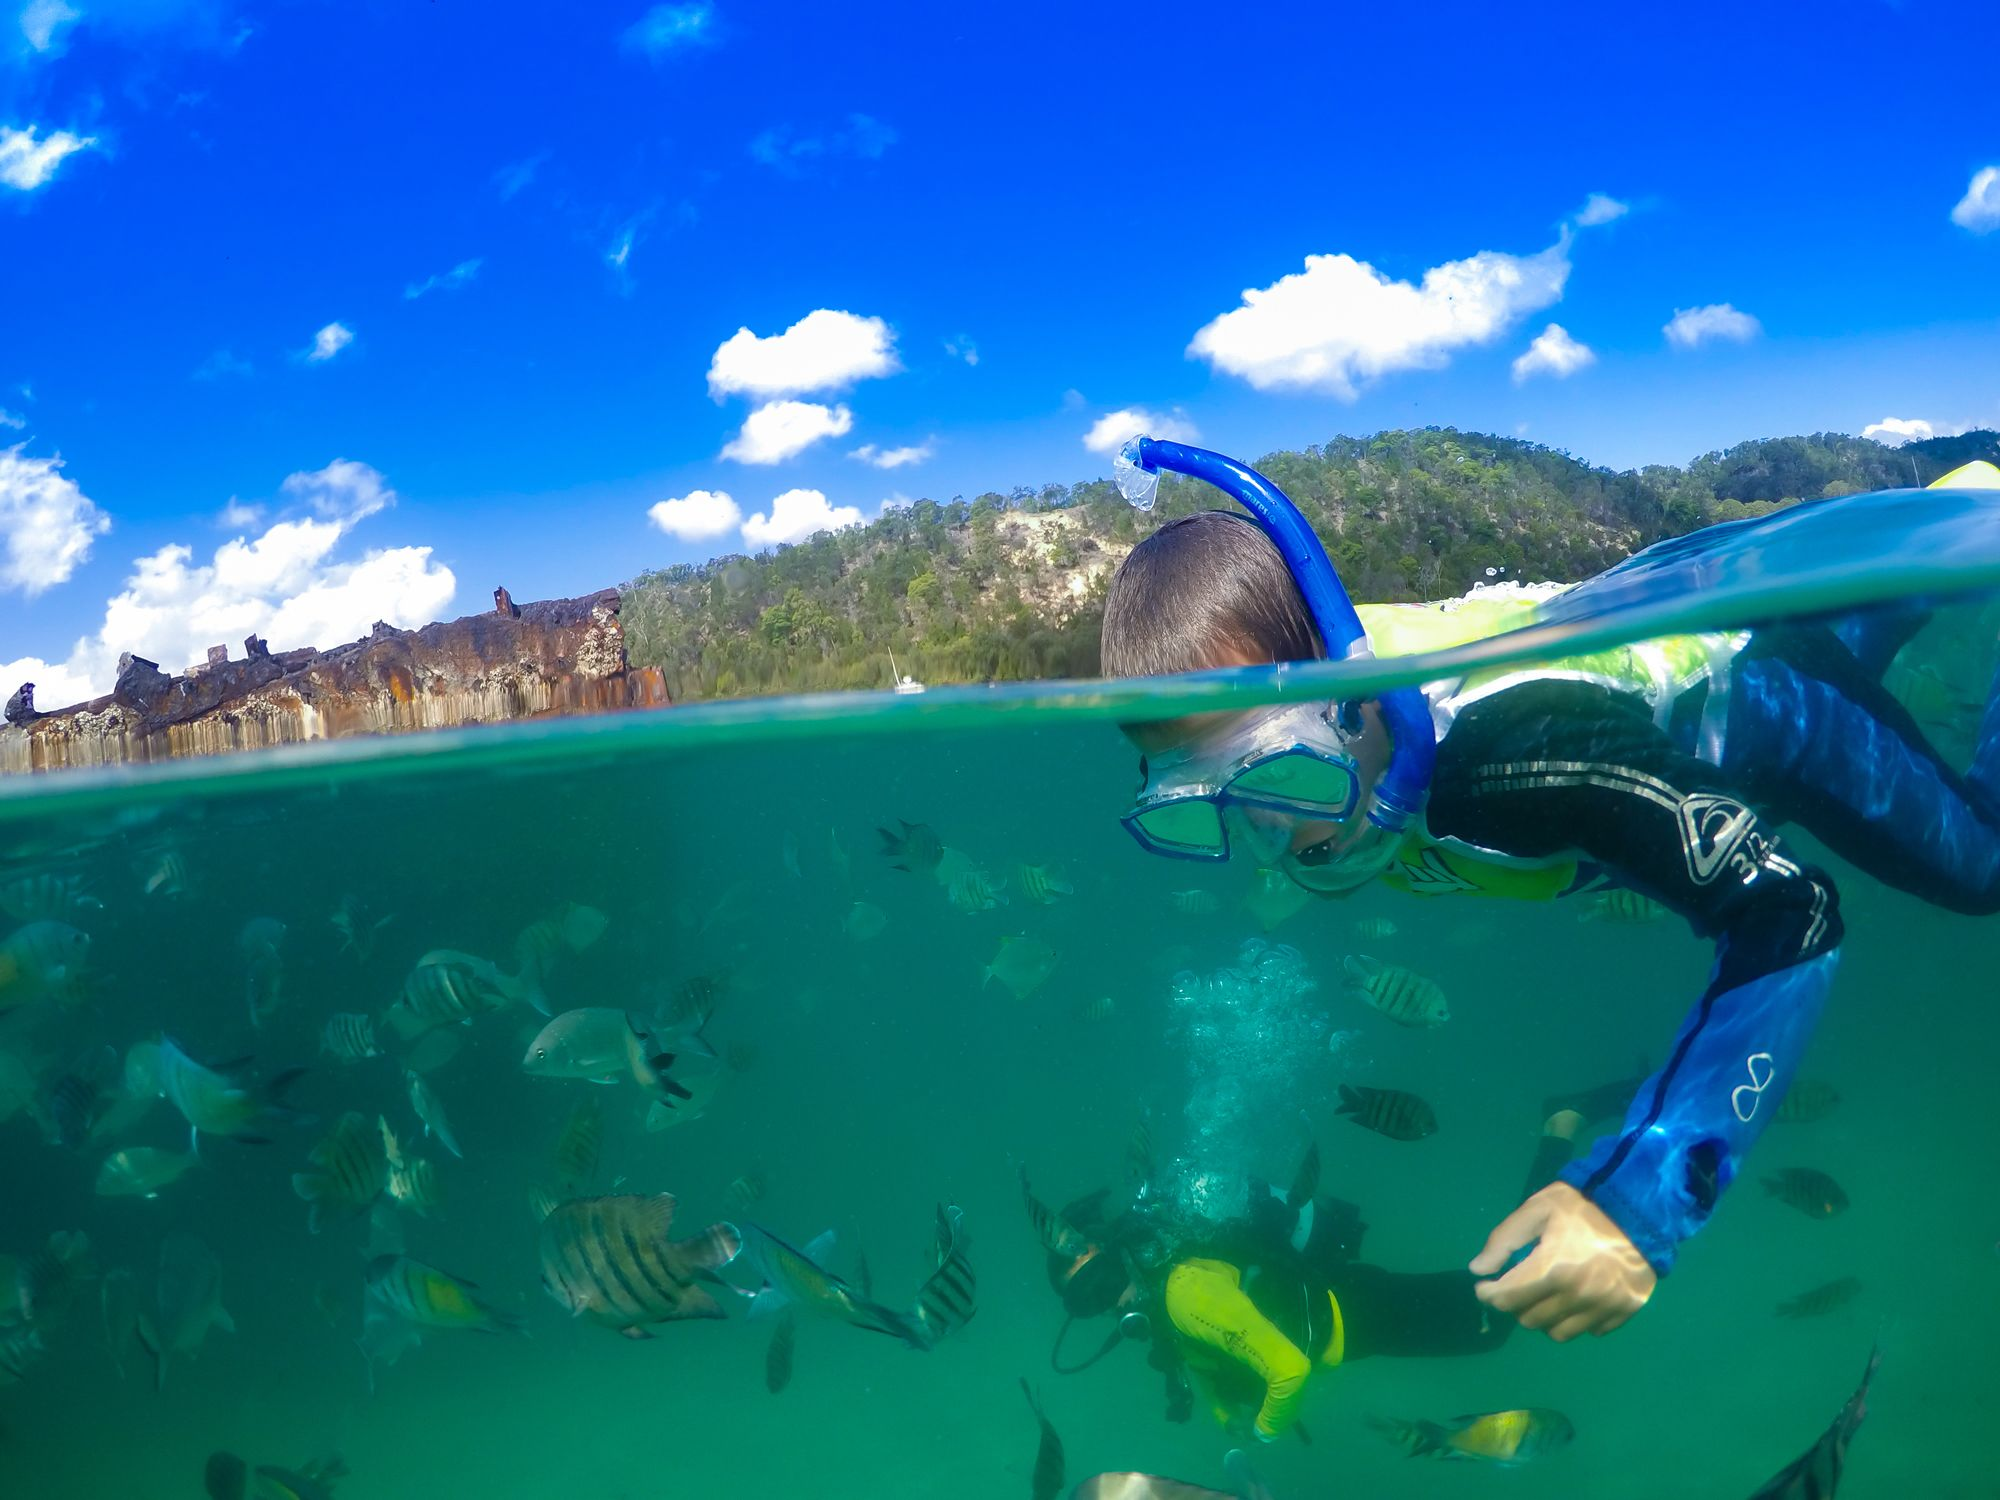 Snorkeling_24 (2).jpg